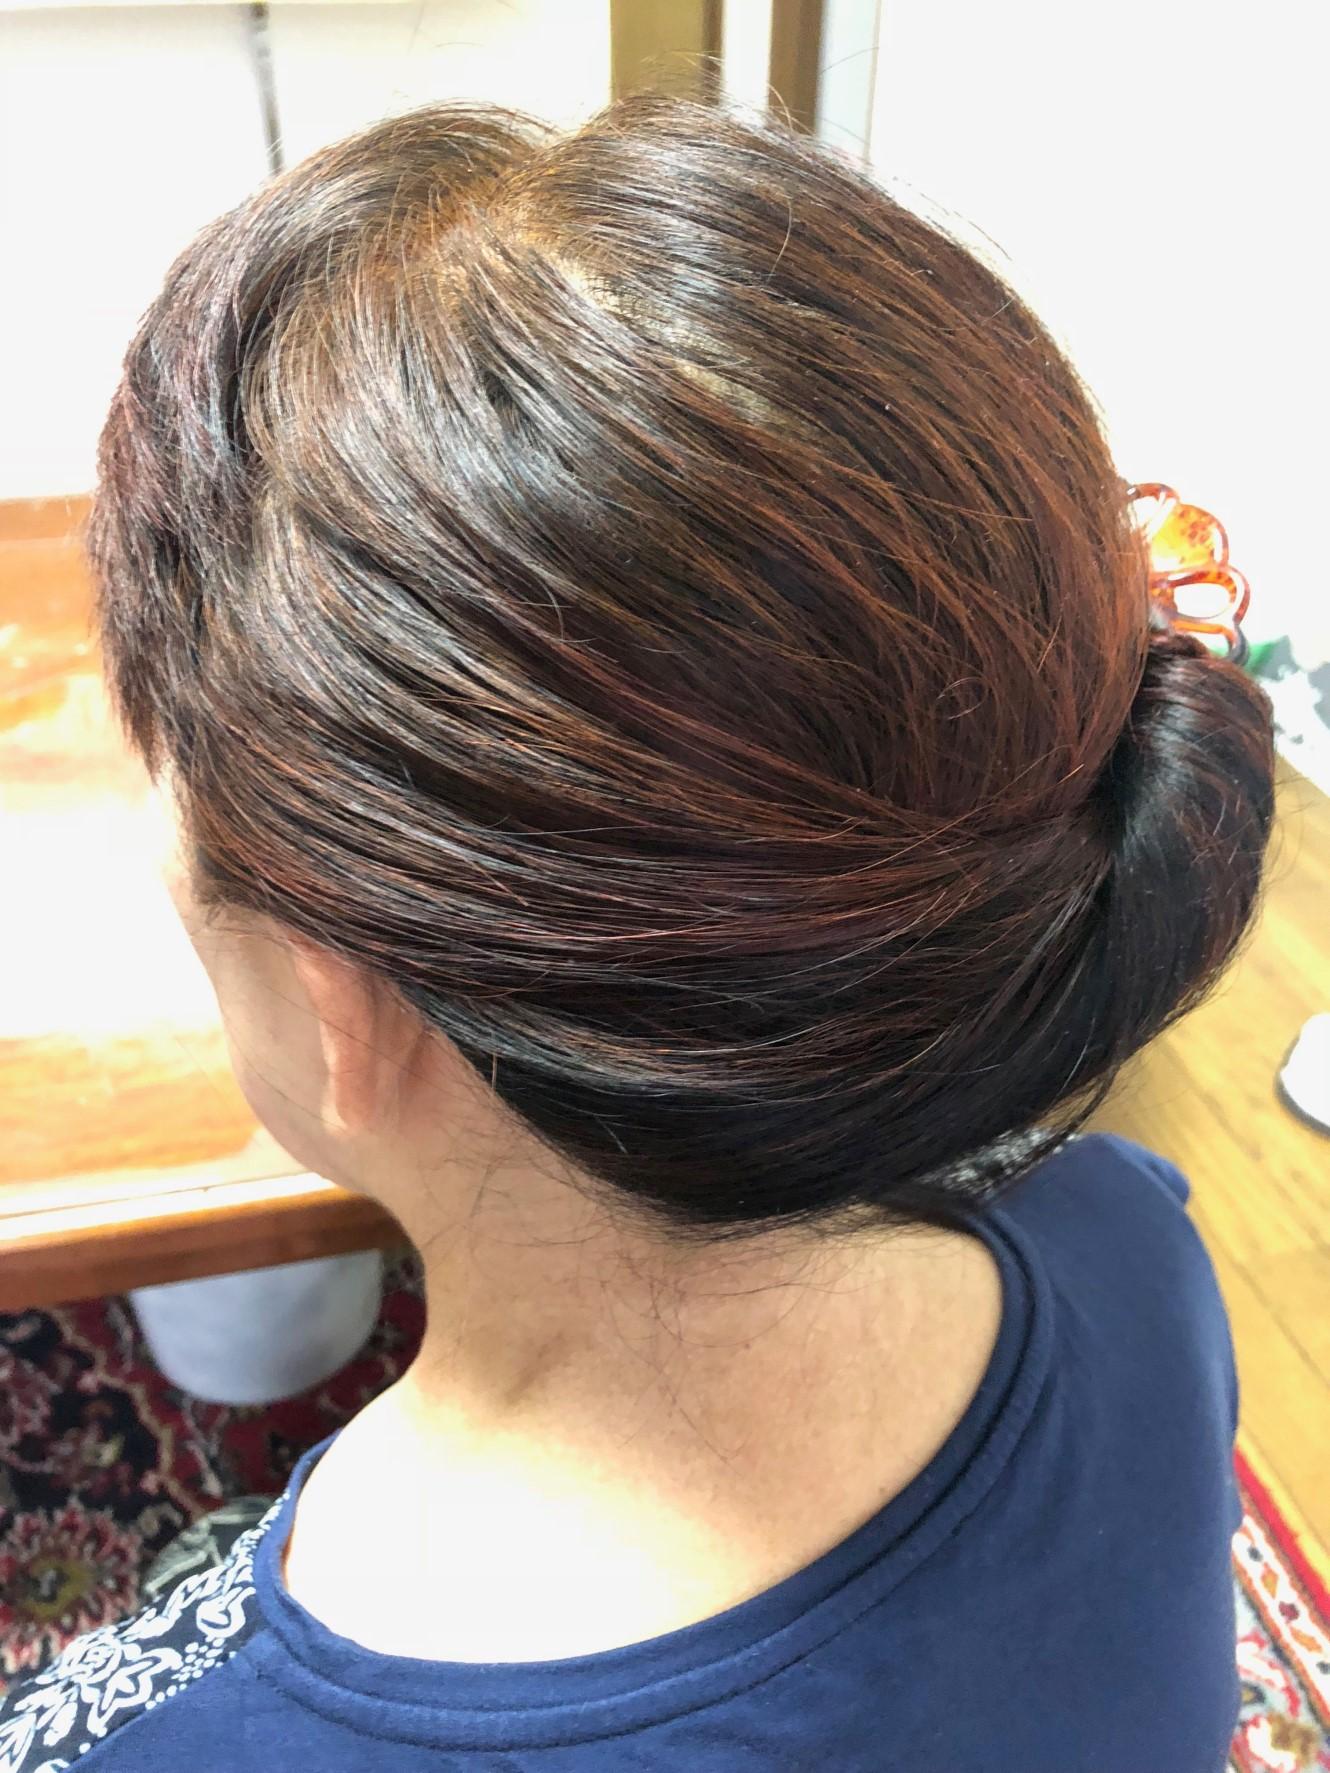 80代でも美しい髪 | クリスタルビューティー 広島 天然100%ヘナ 美と健康のエステ